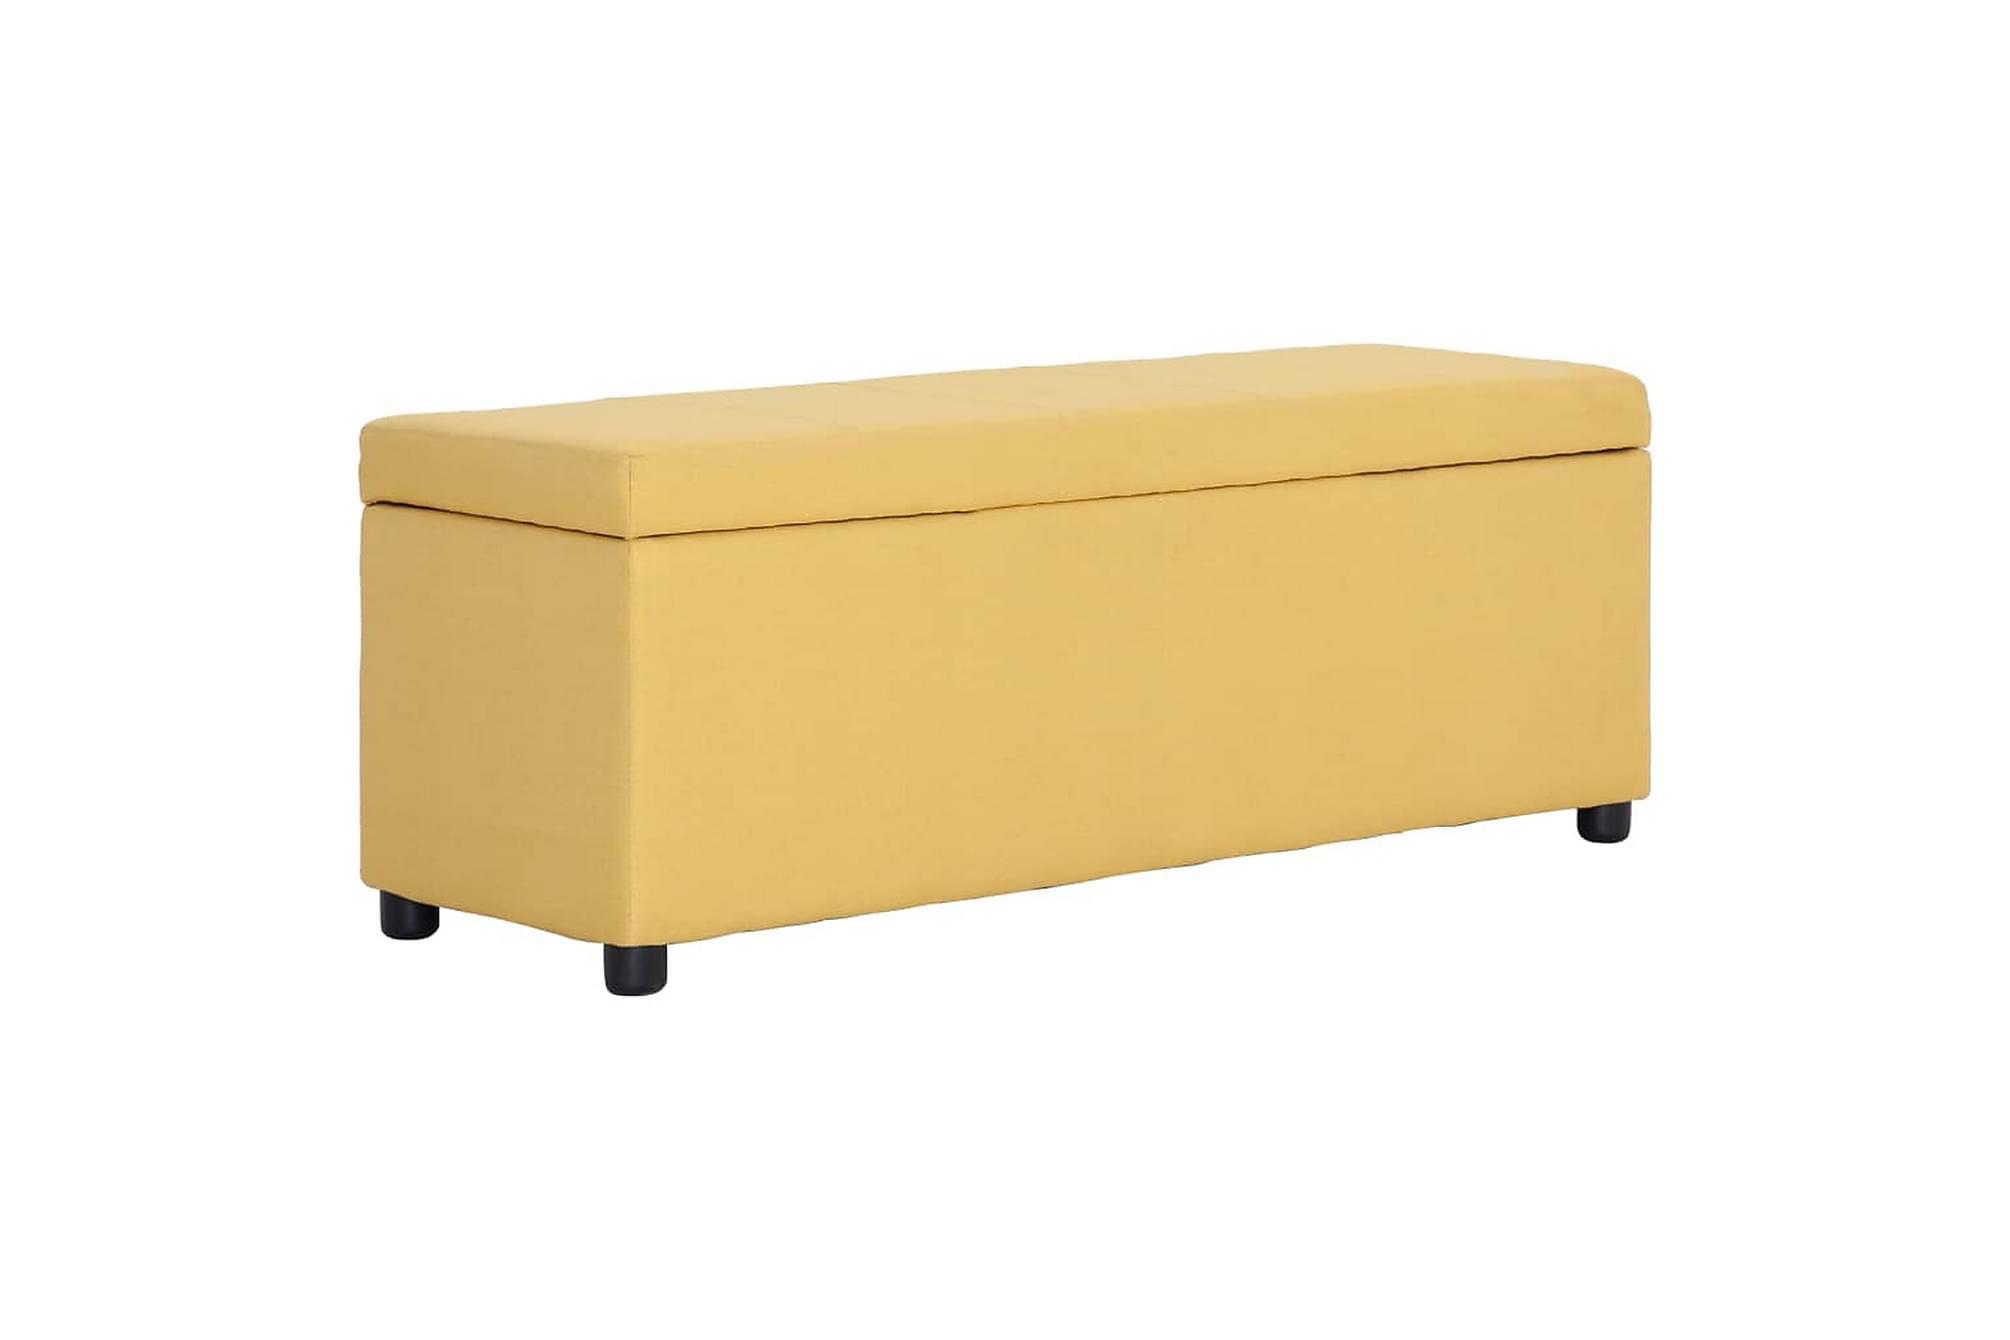 Bänk med förvaringsutrymme 116 cm gul polyester